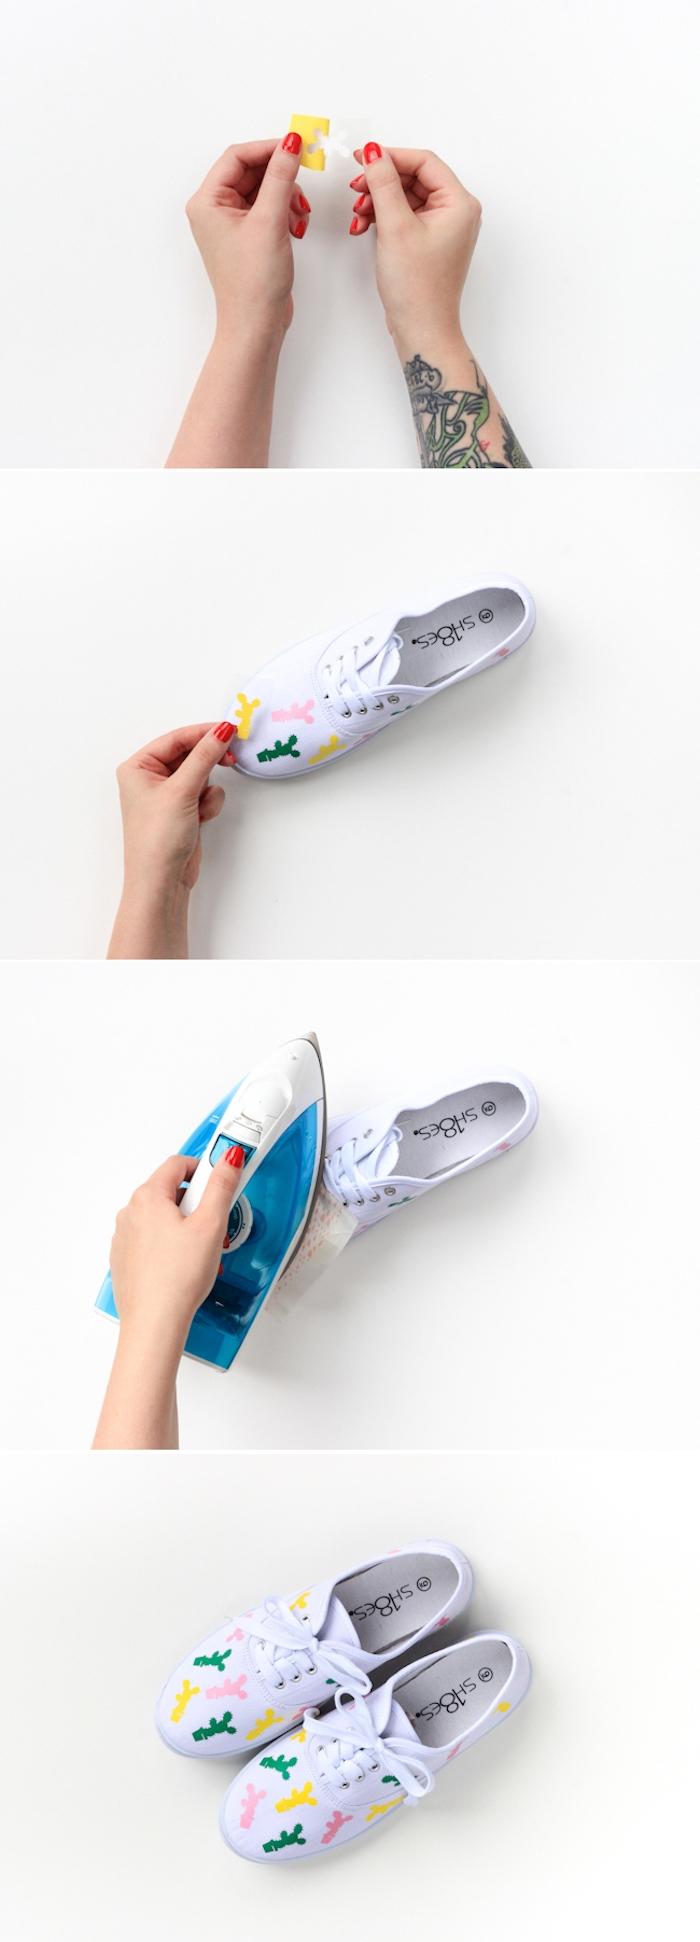 Weiße Sneaker selber dekorieren, mit kleinen bunten Kakteen, DIY Anleitung in vier Schritten